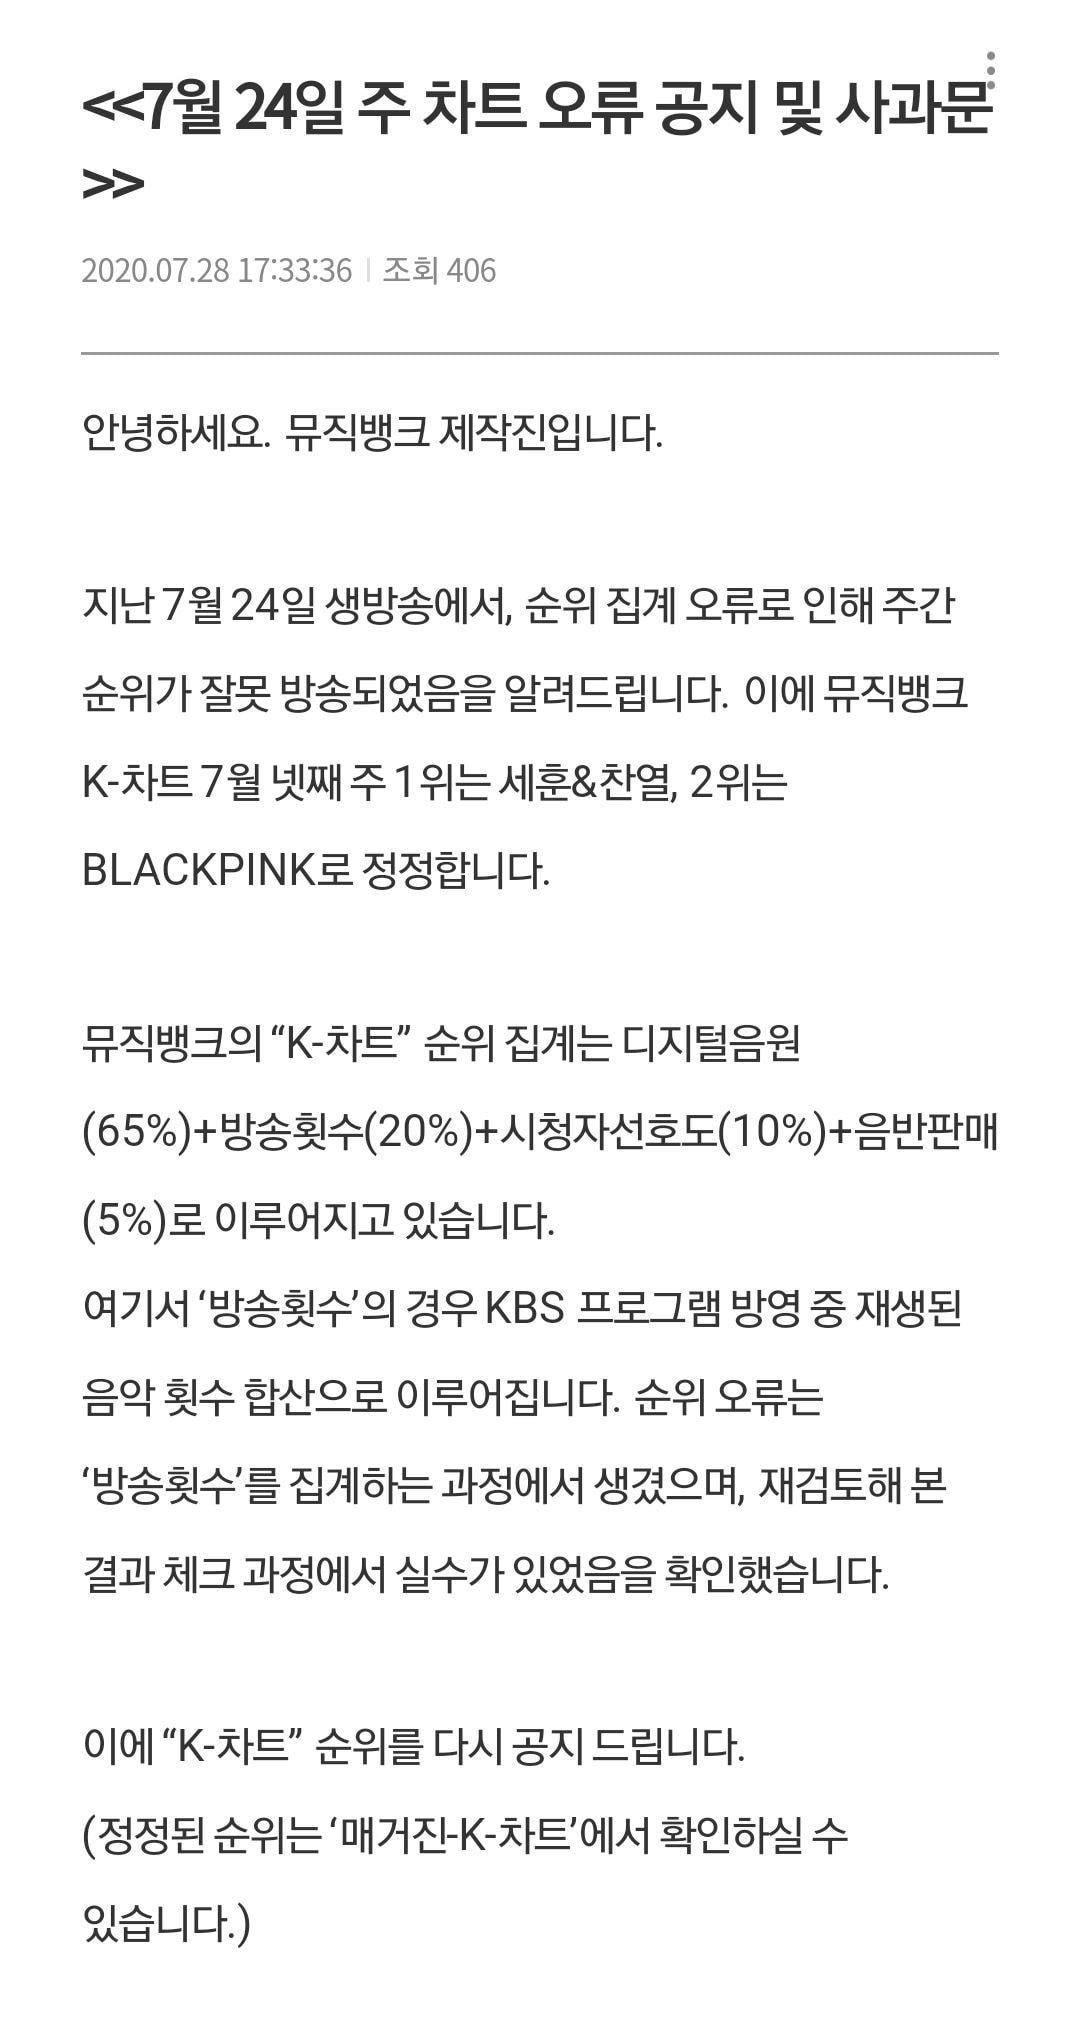 [뮤뱅공지] 지난주 뮤직뱅크 1위 블랙핑크→세훈&찬열로 정정